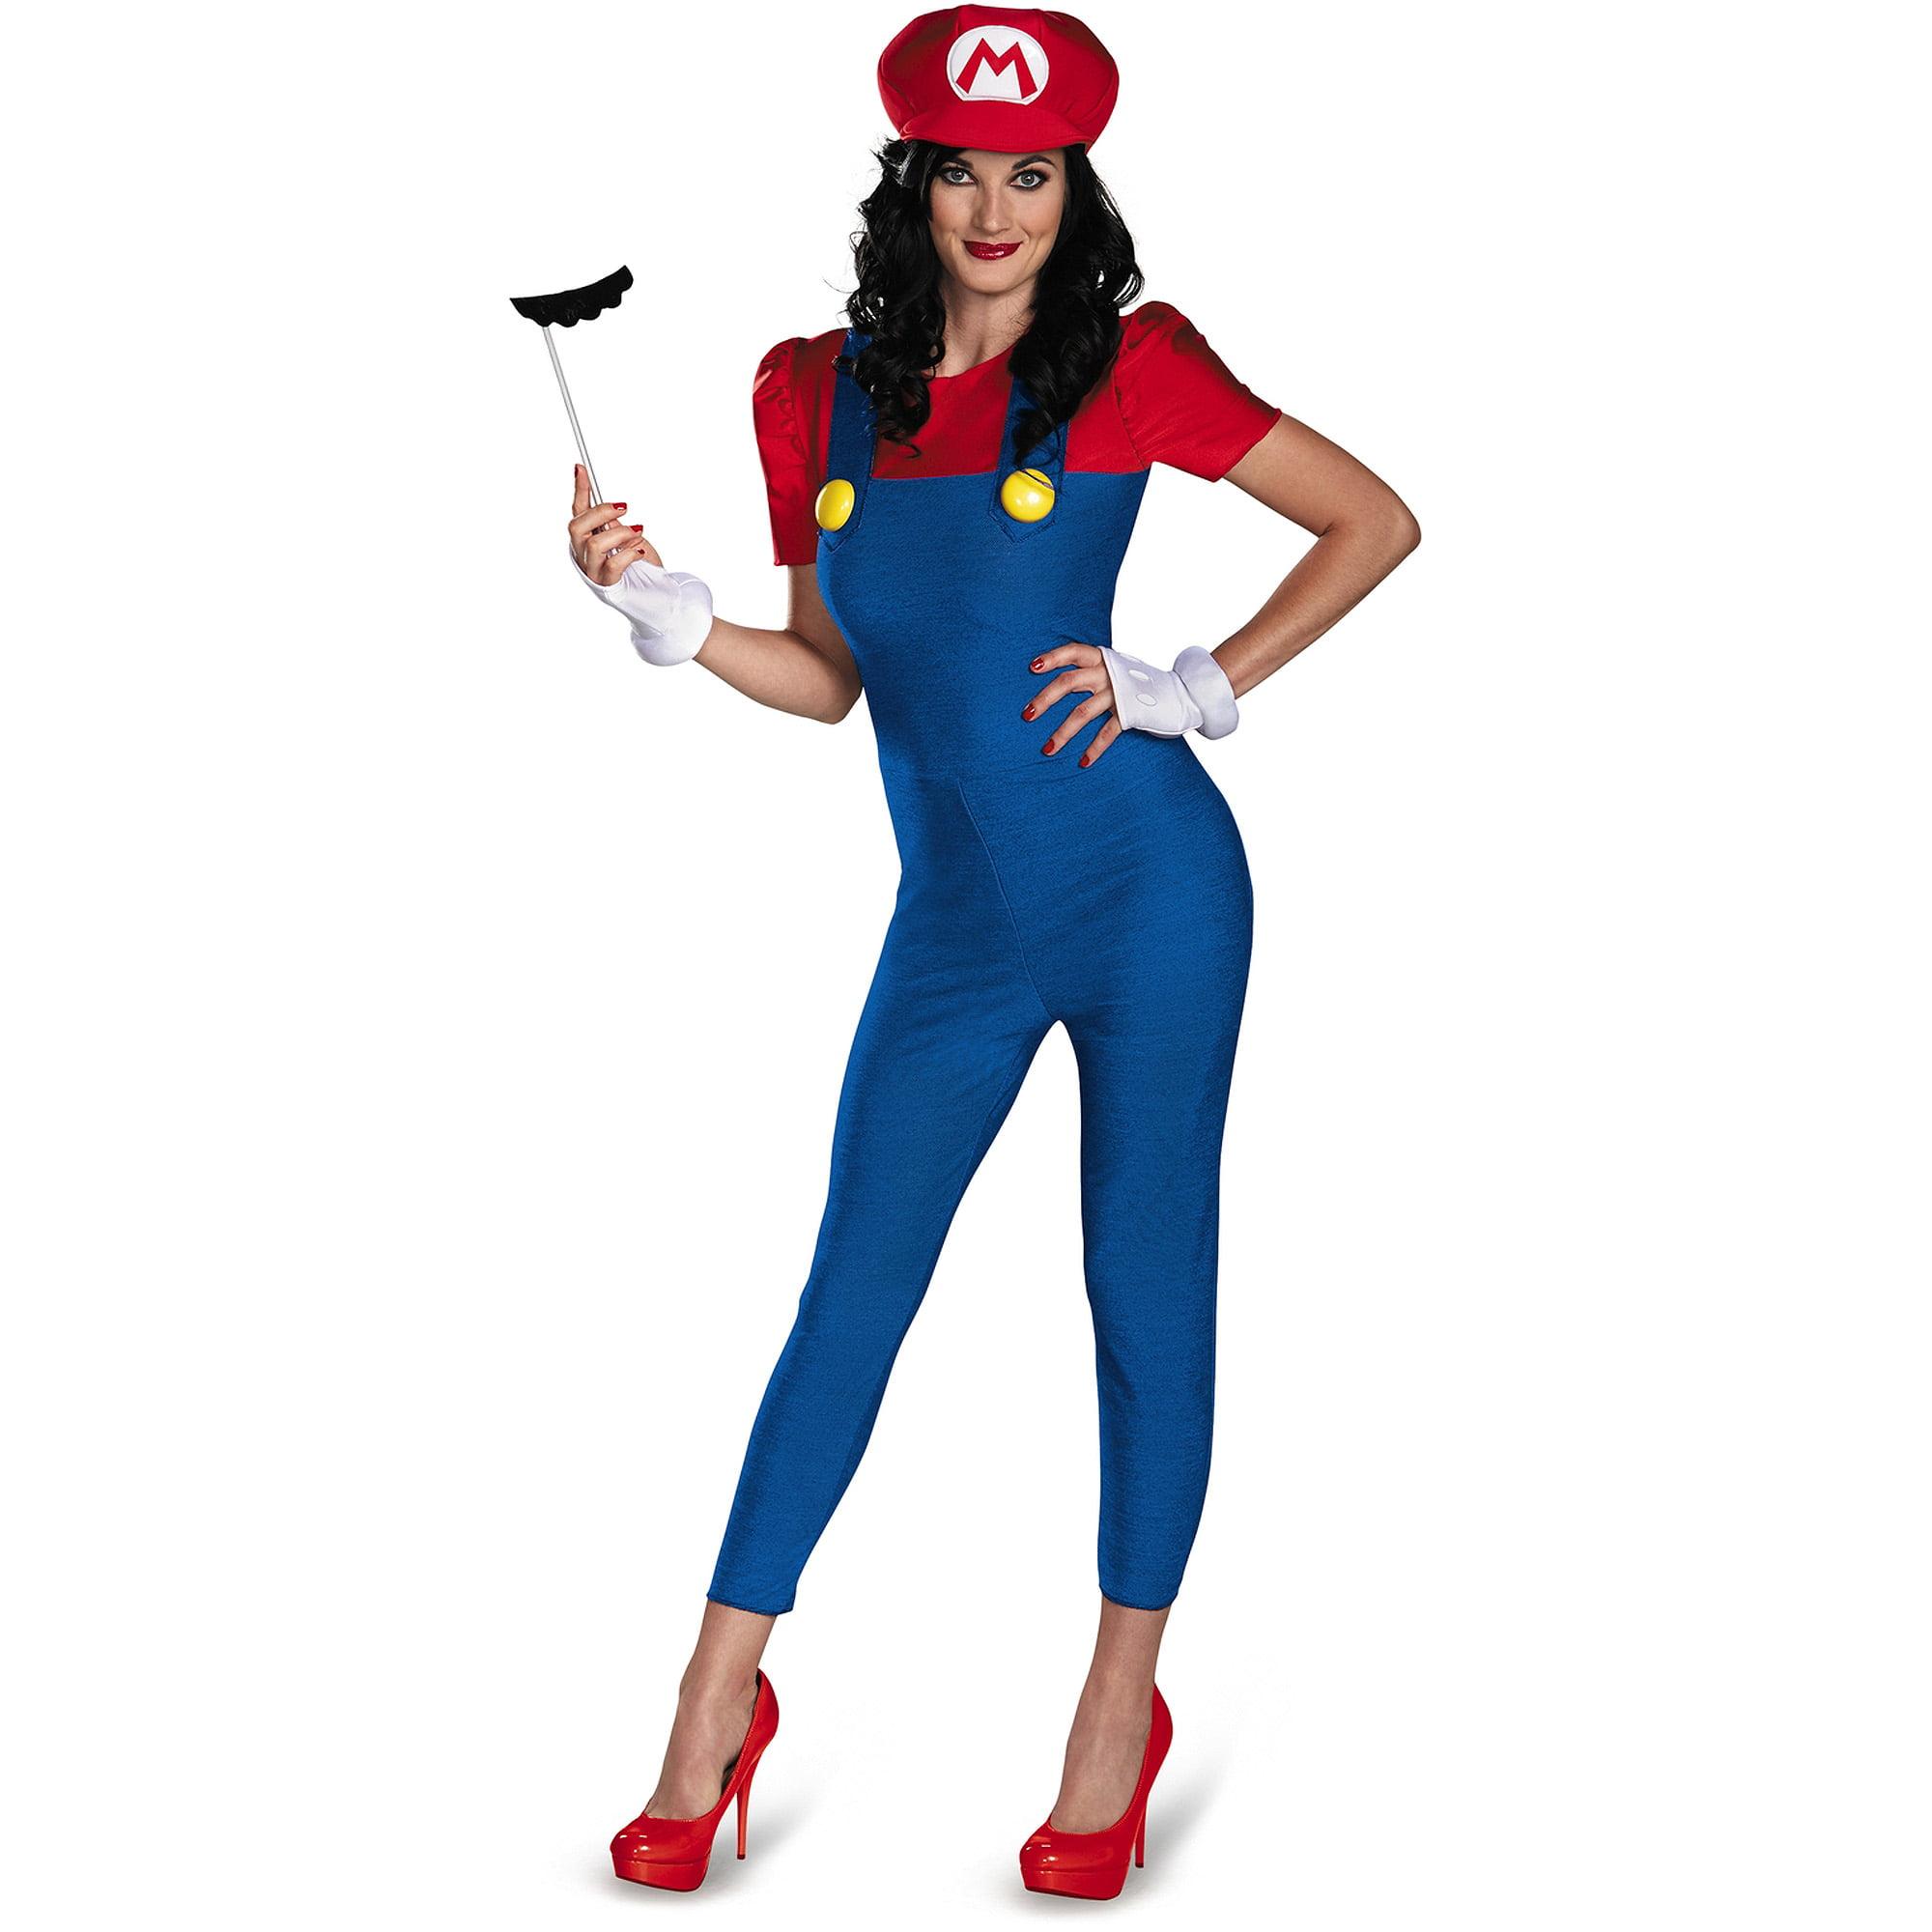 Mario Deluxe Women's Adult Halloween Costume